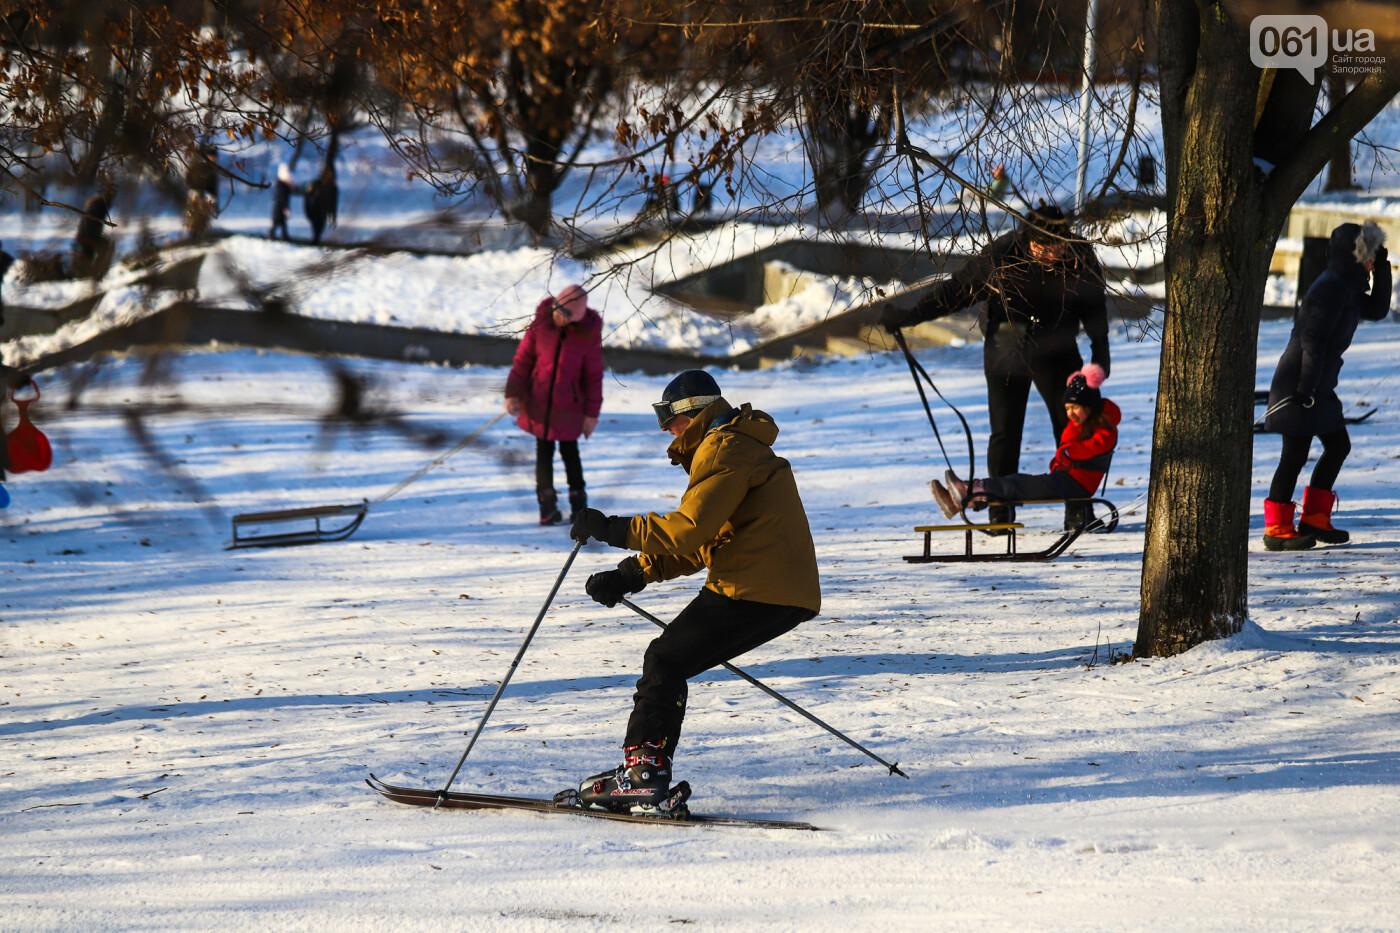 На санках, лыжах и сноуборде: запорожцы устроили массовое катание с горок в Вознесеновском парке, - ФОТОРЕПОРТАЖ, фото-11